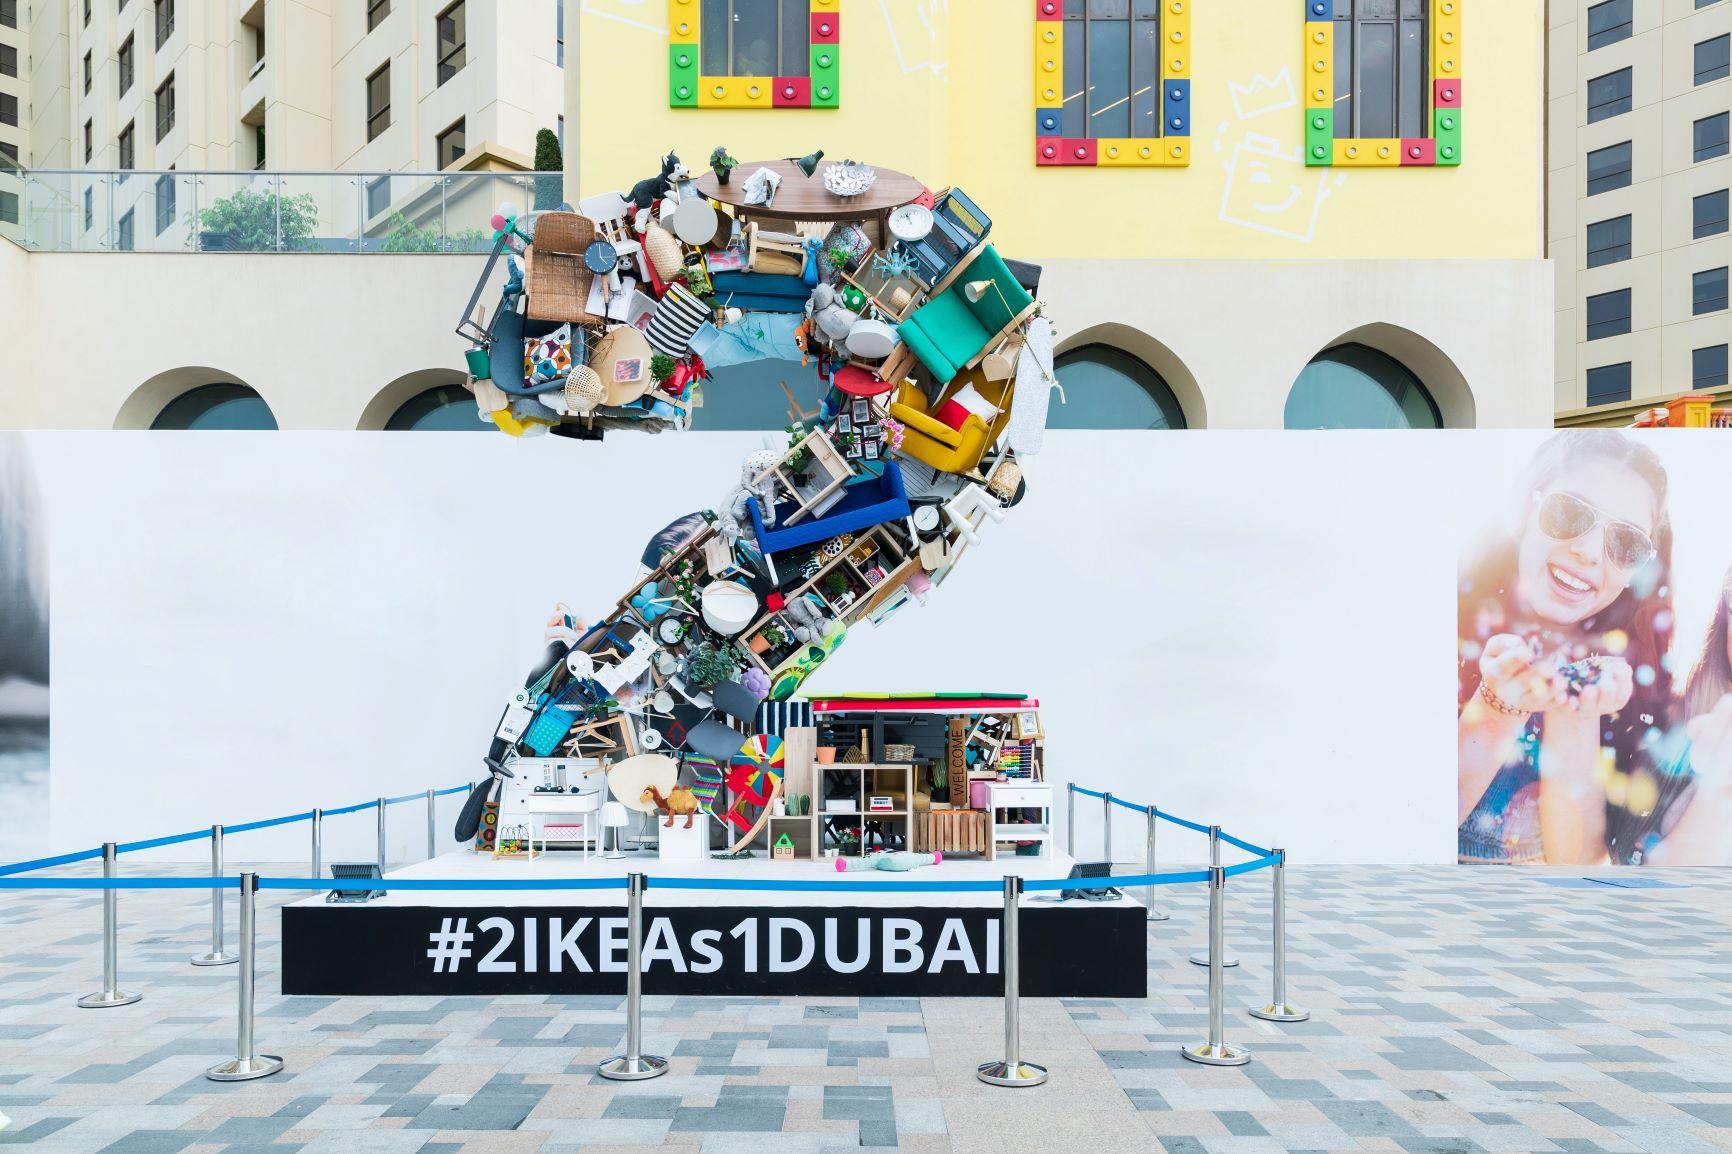 مجسم فني ضخم في جميرا بيتش ريزيدنس